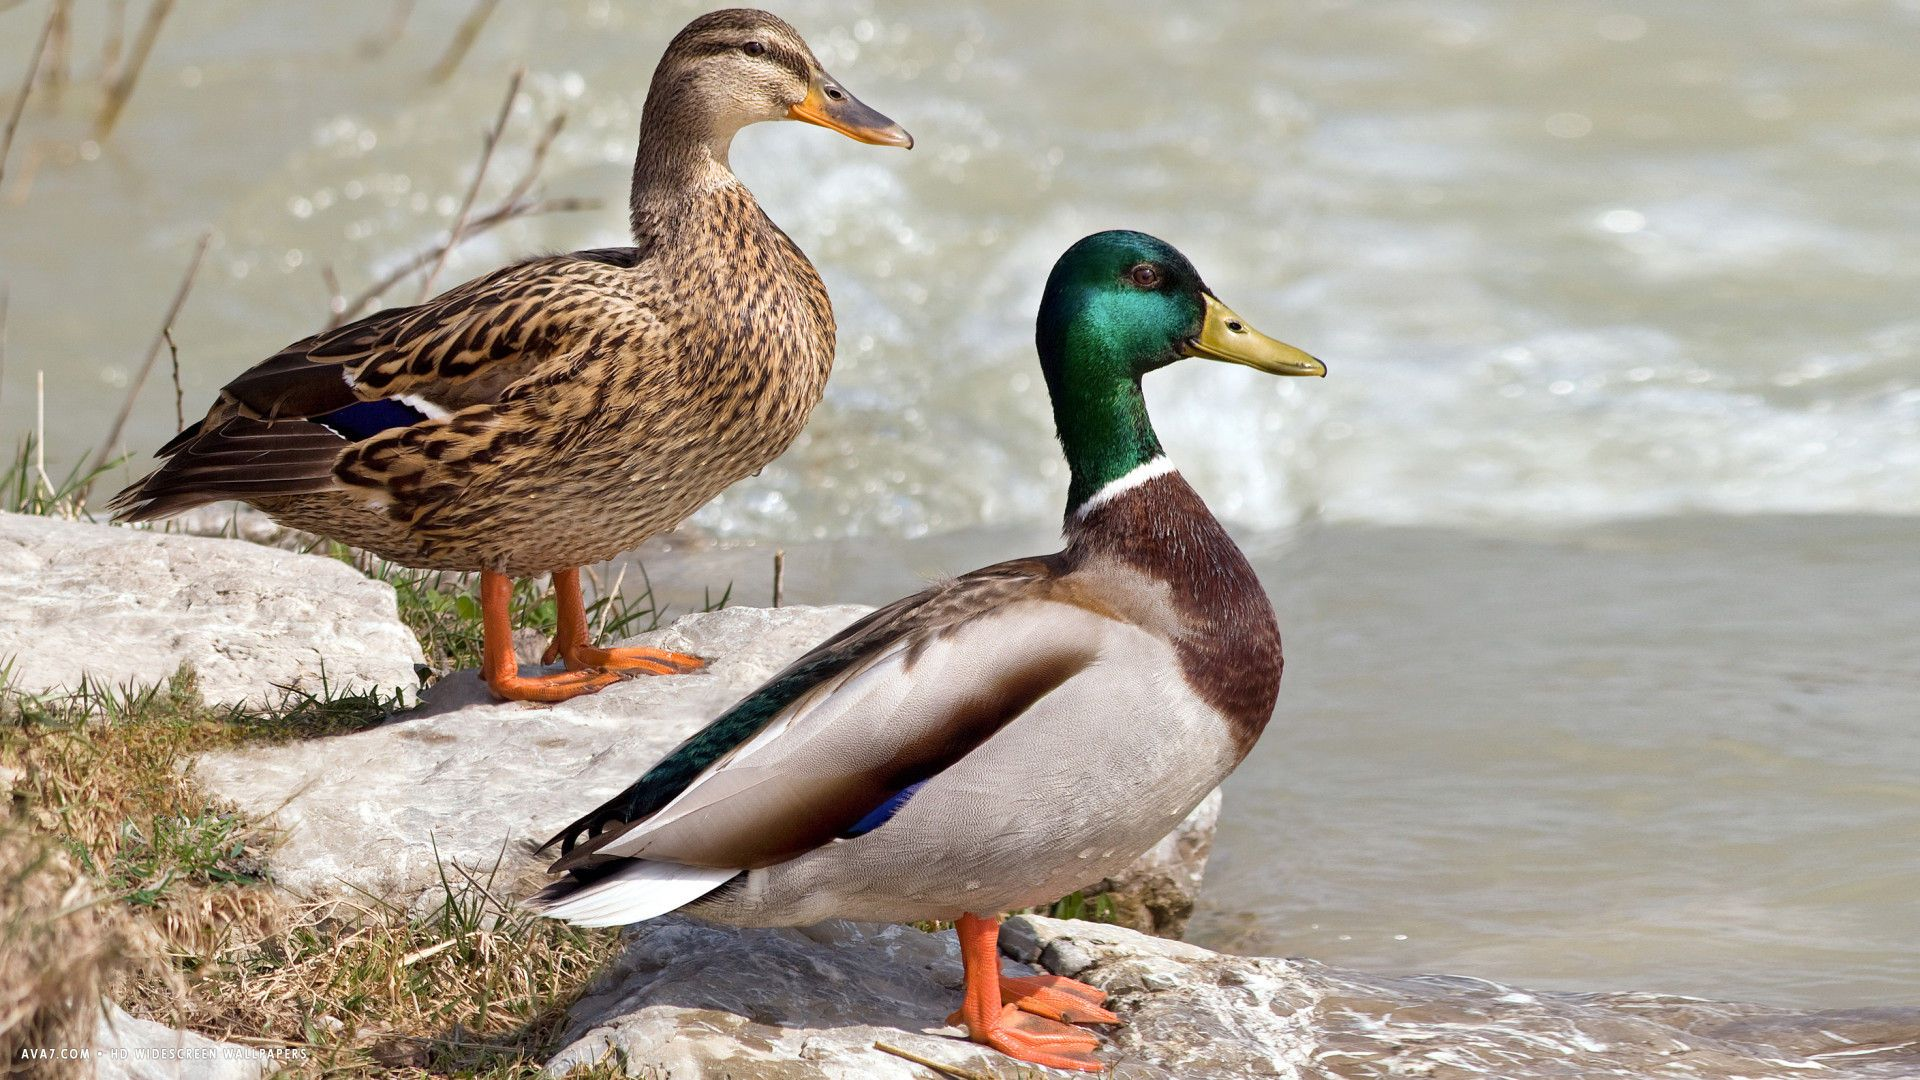 Duck Two Ducks Birds Hd Widescreen Wallpaper Wild Duck Mallard Backyard Birds